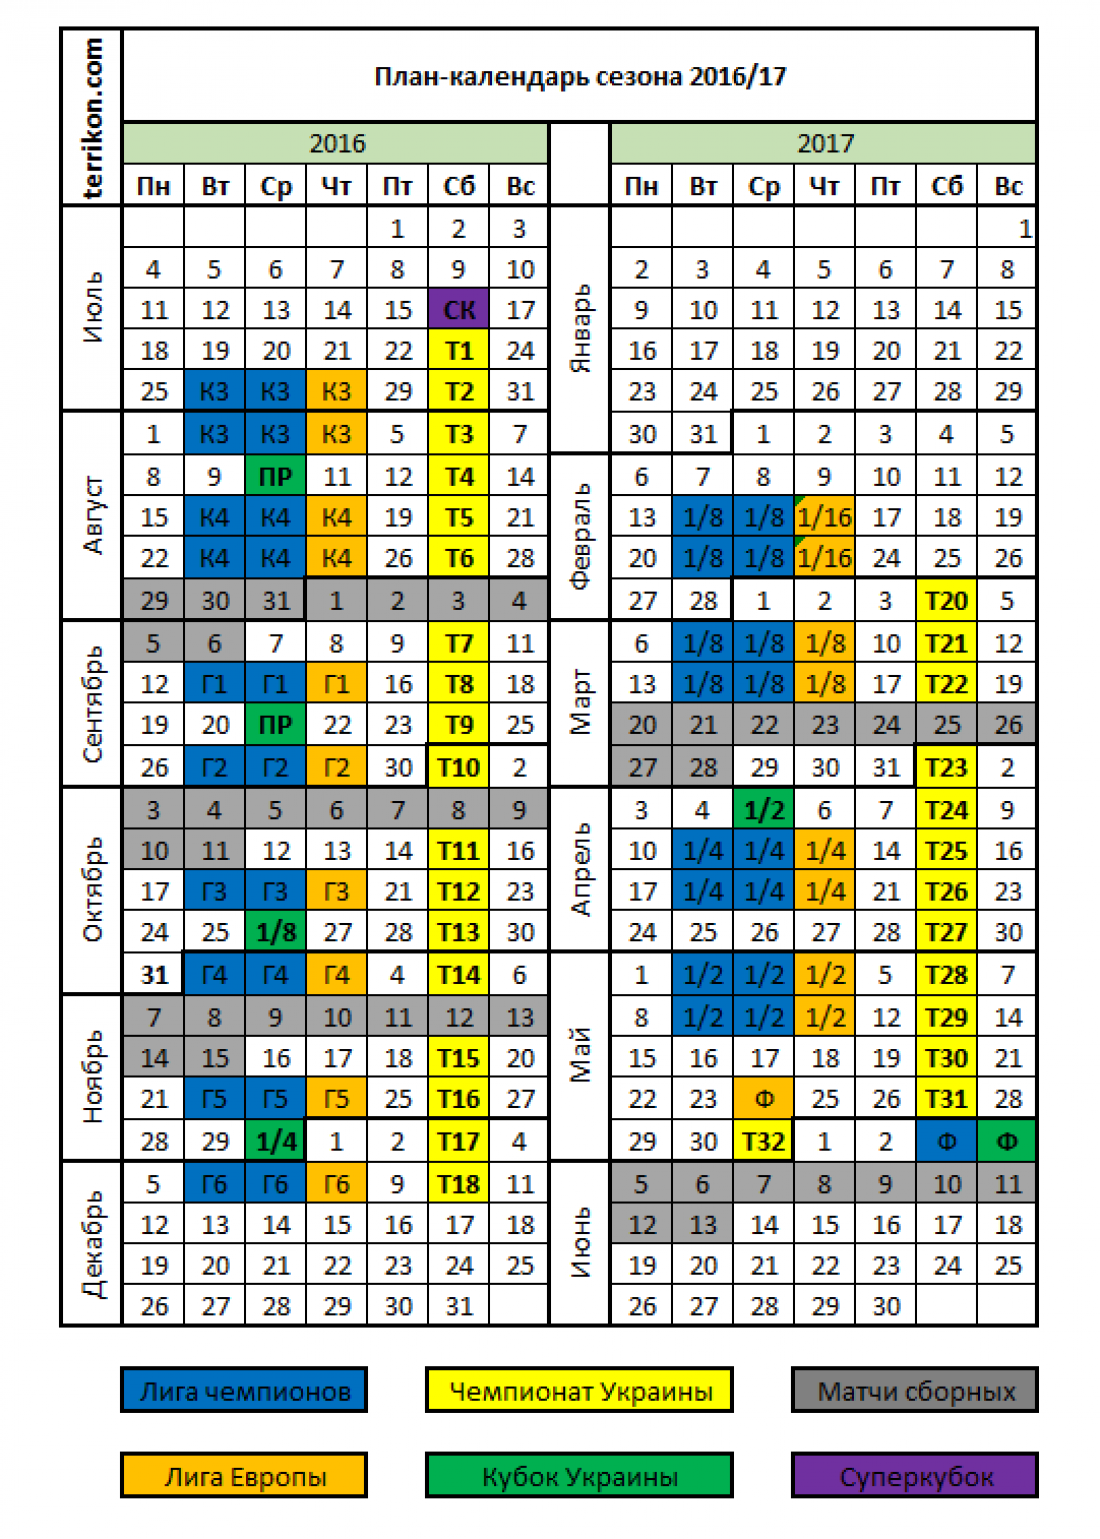 Чемпионат украины футбол первая лига 2016-2017 календарь